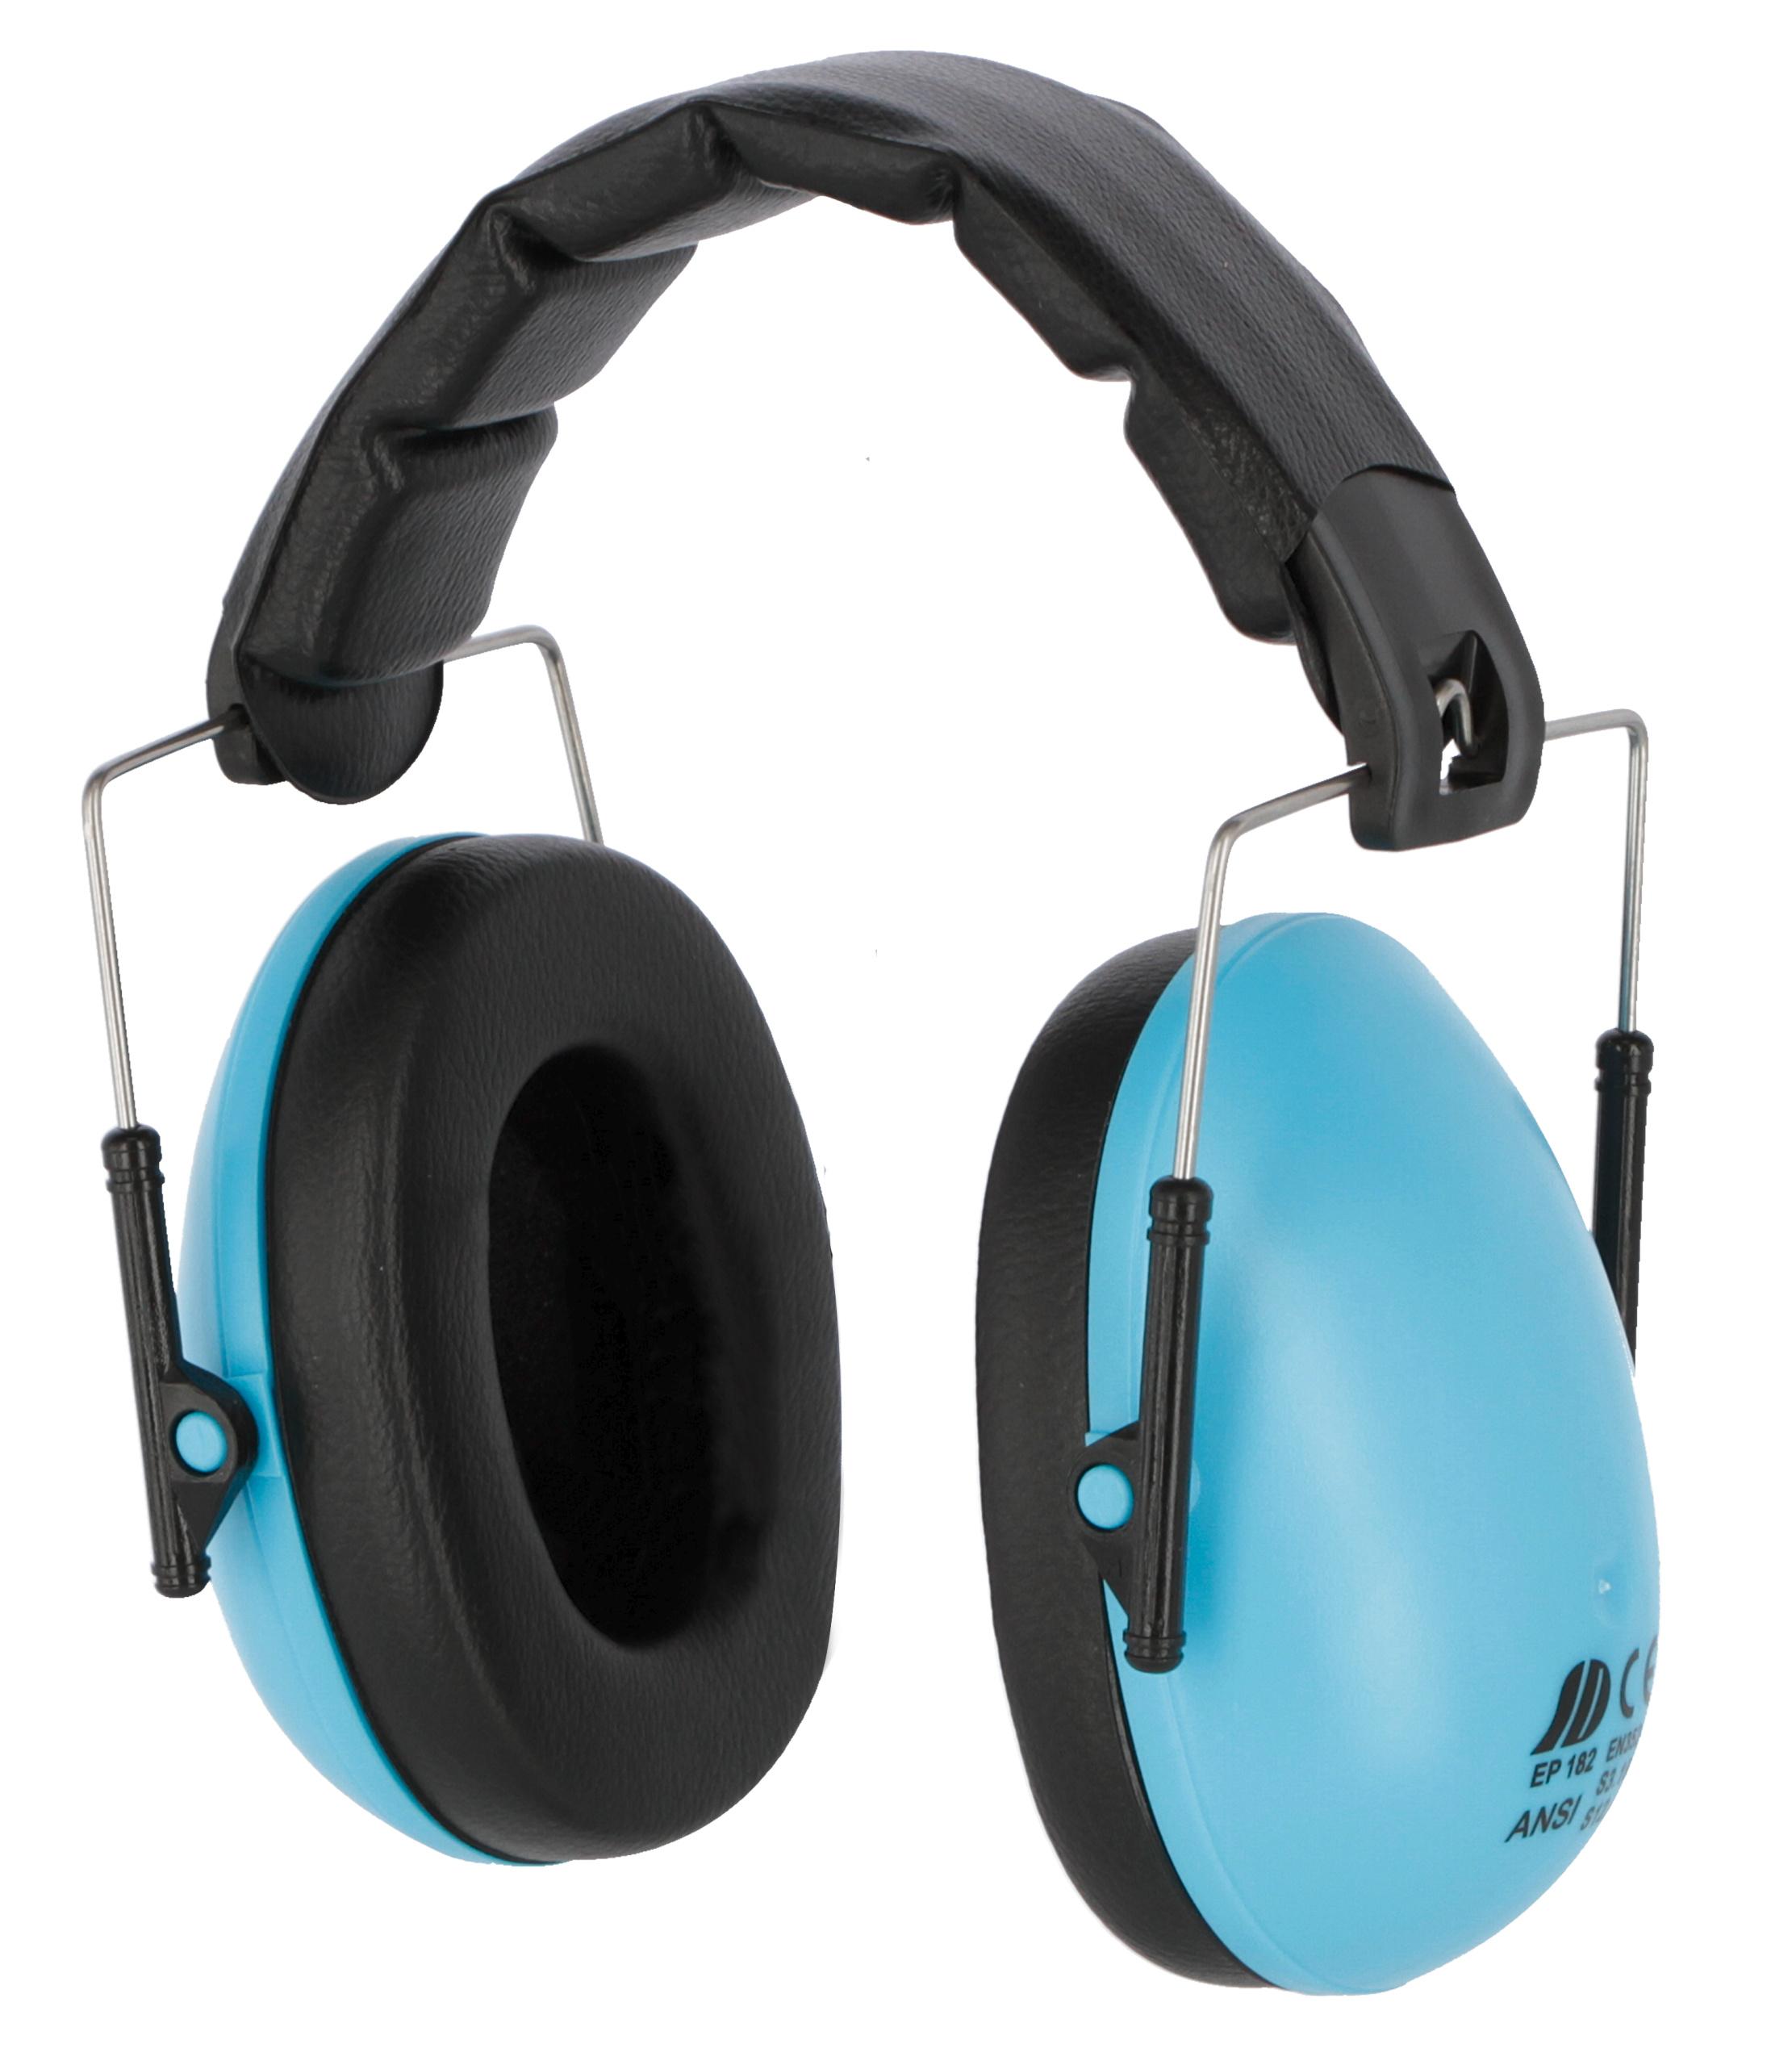 Gehörschutz für Kinder blau, 3-12 Jahre, im Blister